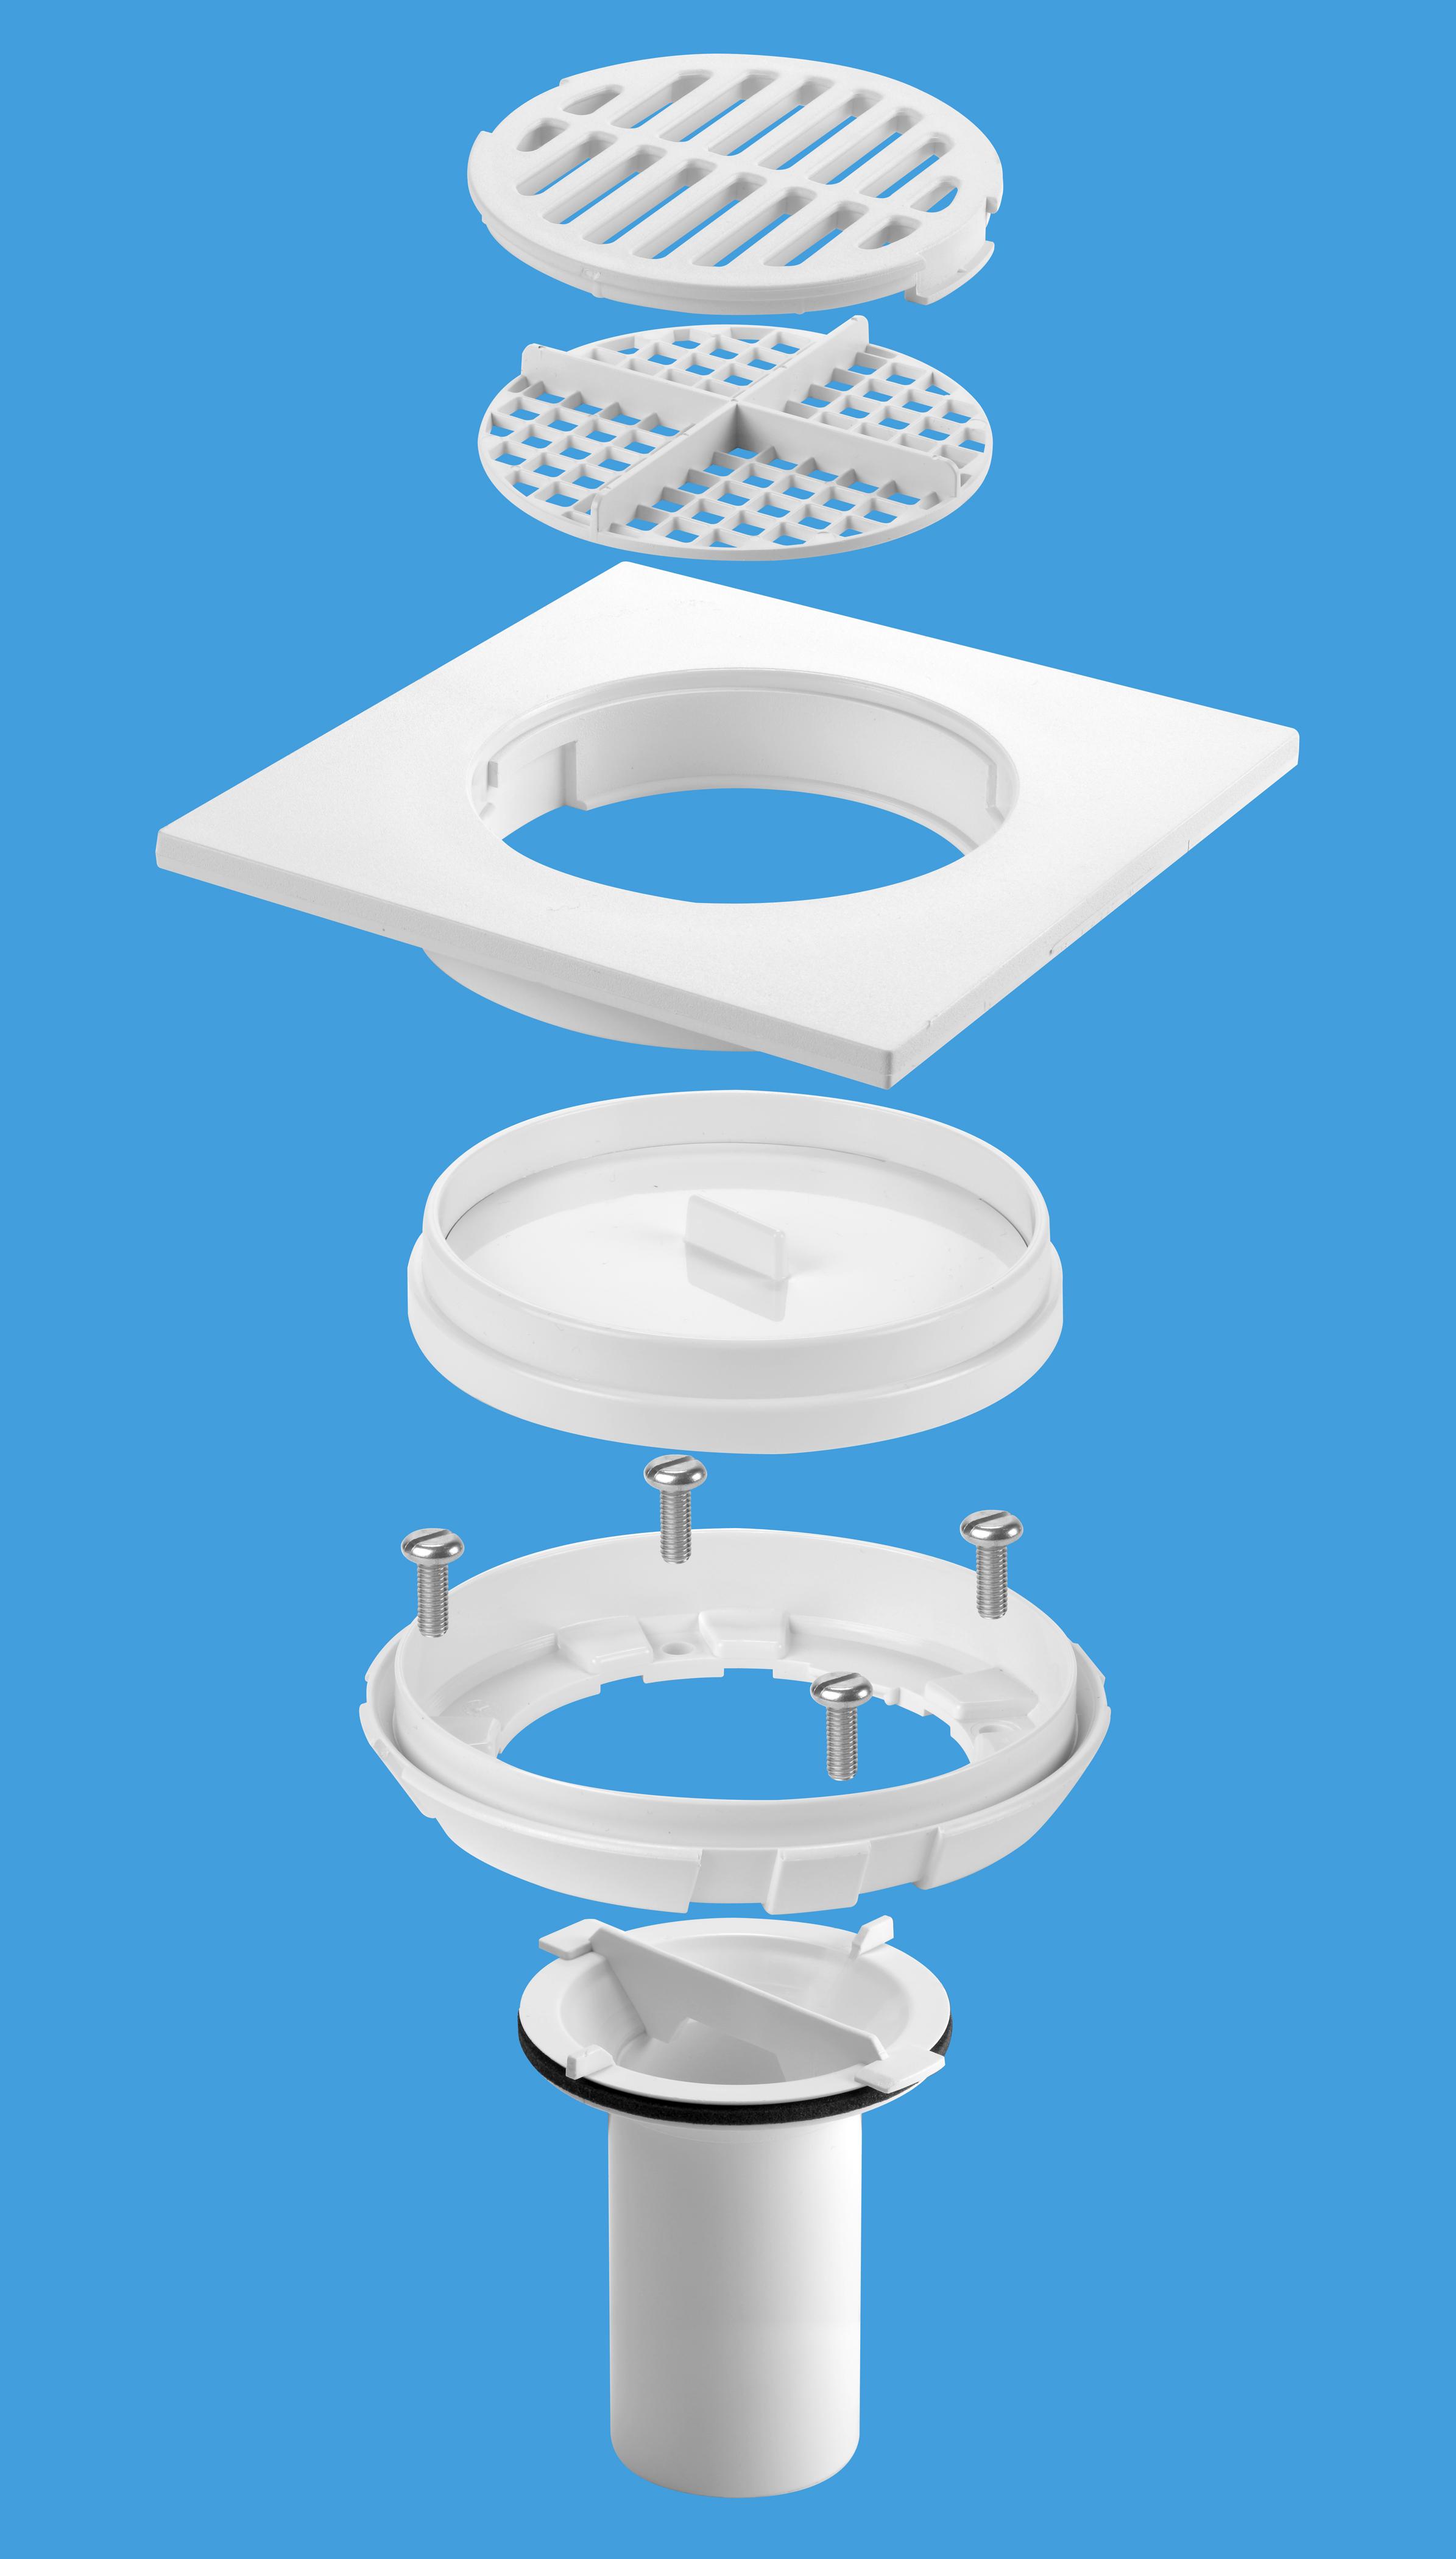 TSG1/TSG2 Tiled Floor Gully Conversion Kit - White